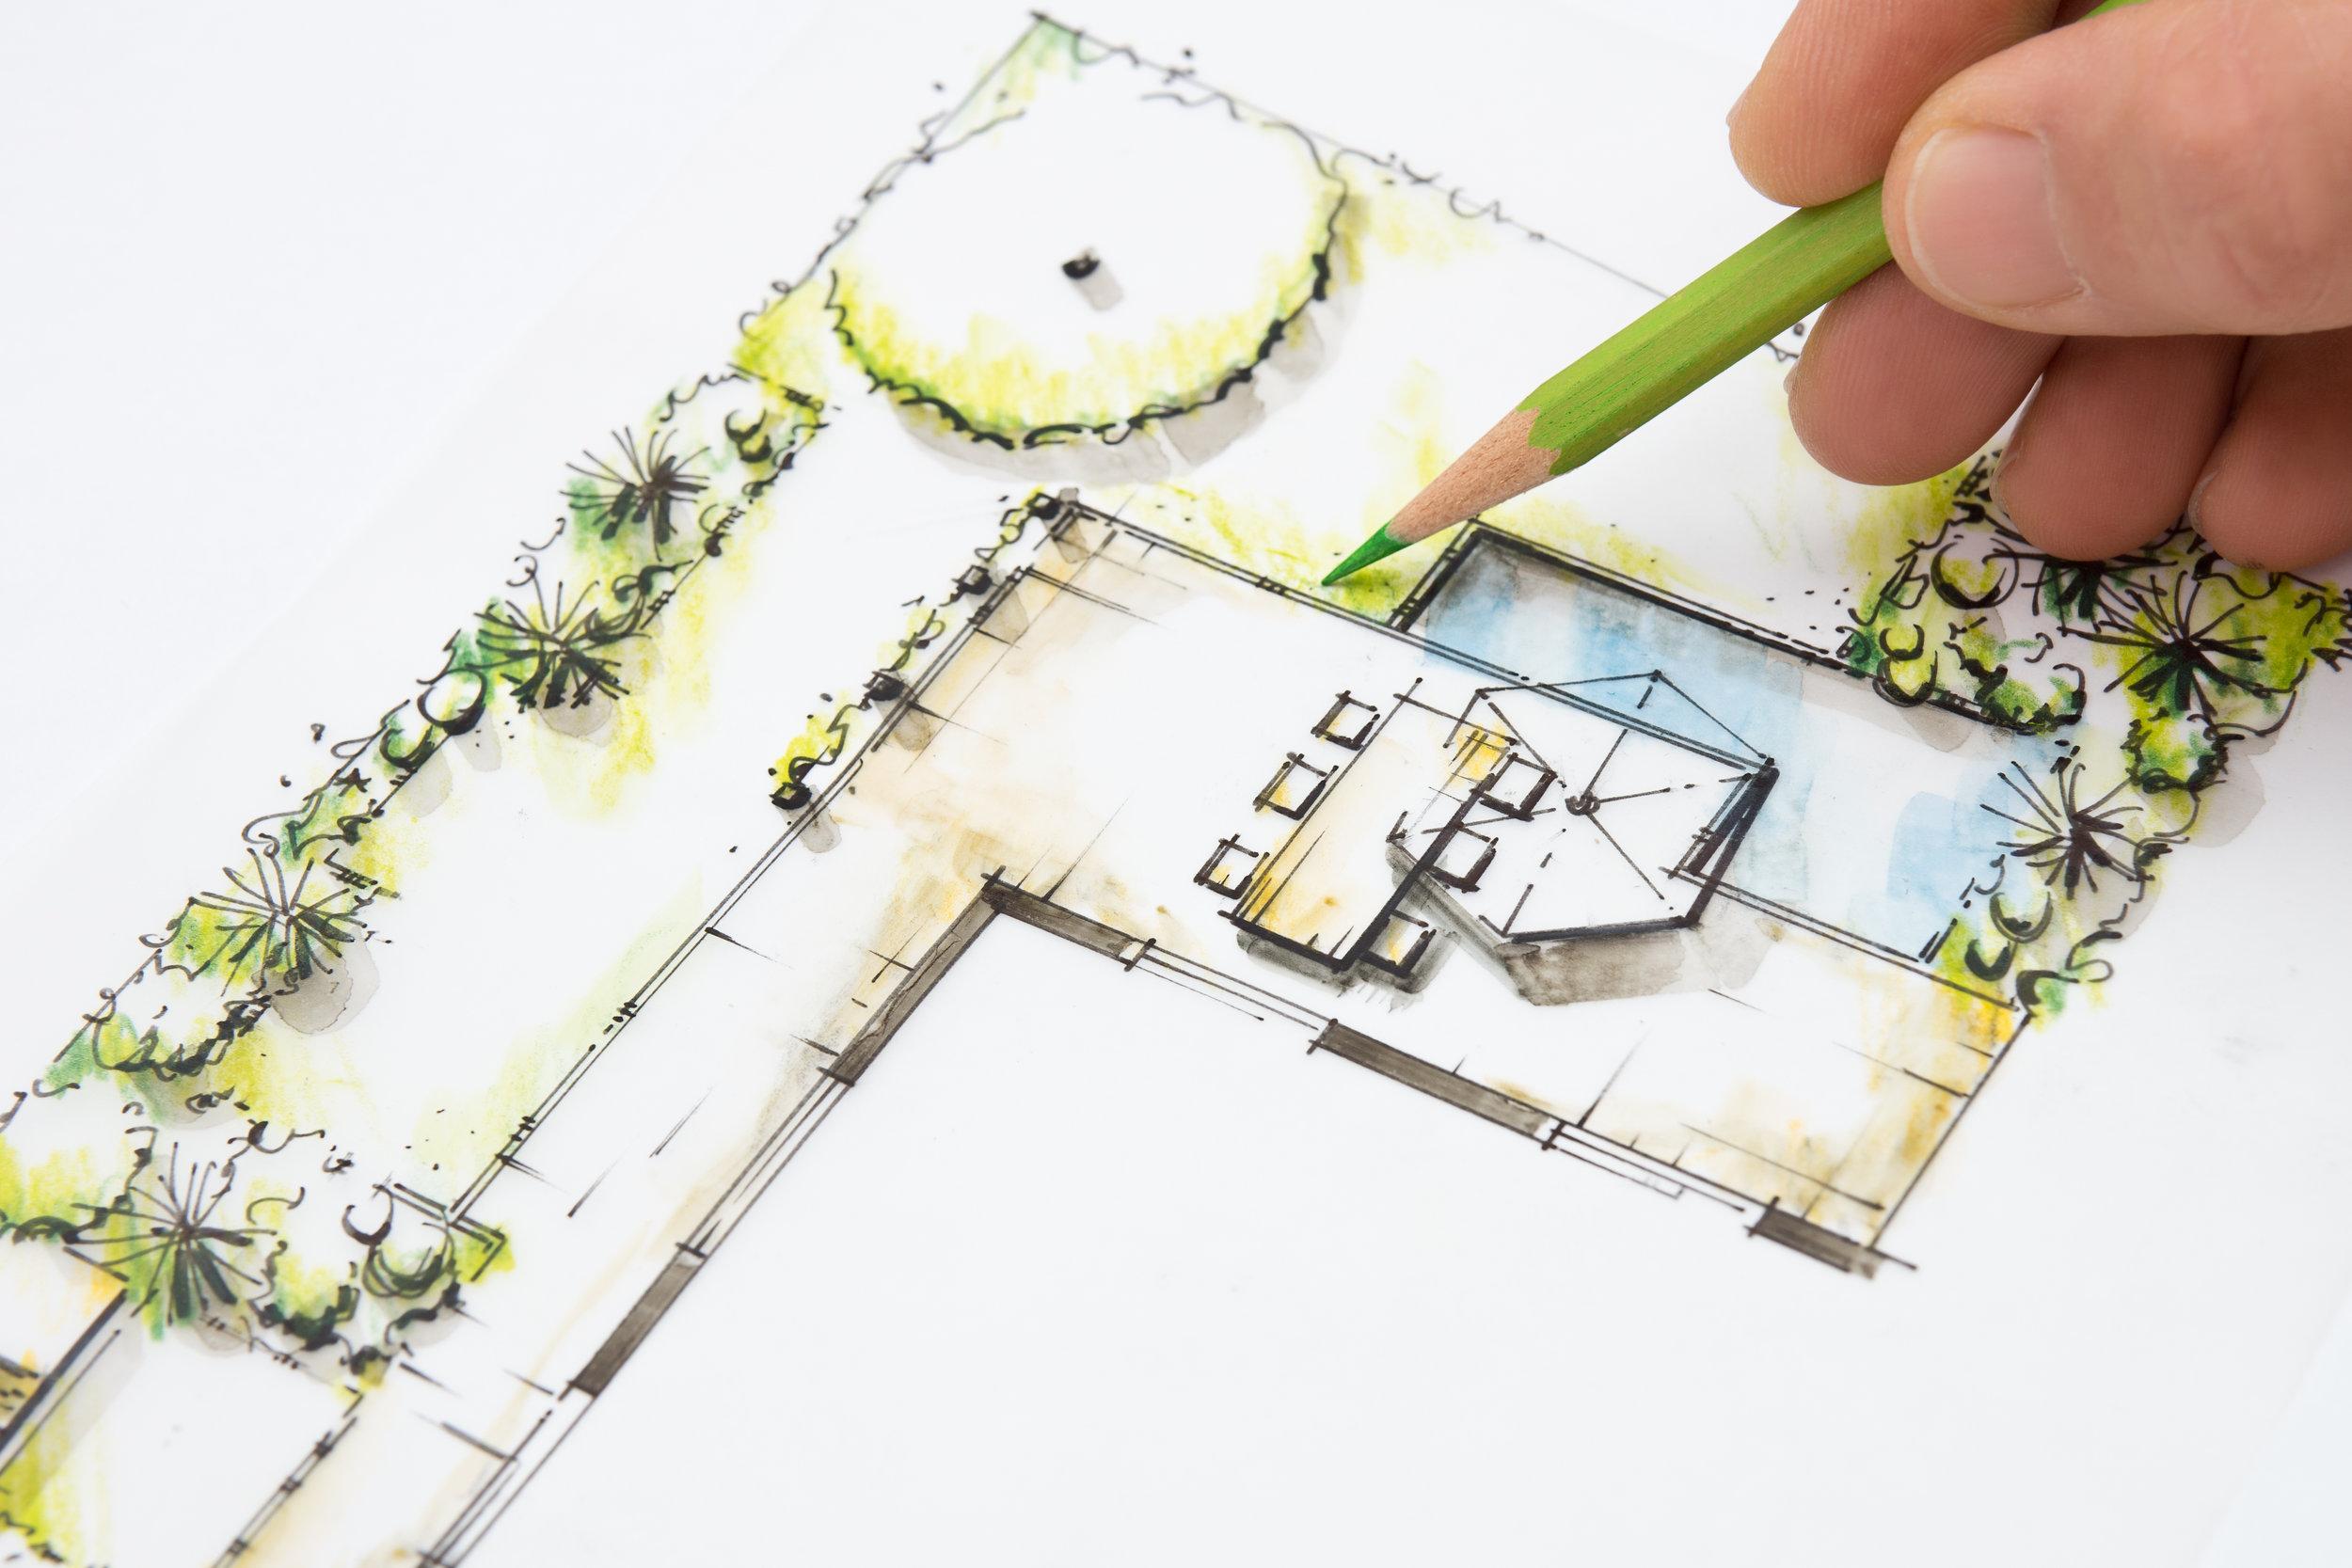 Copy of Garden Design Blueprint Sketching